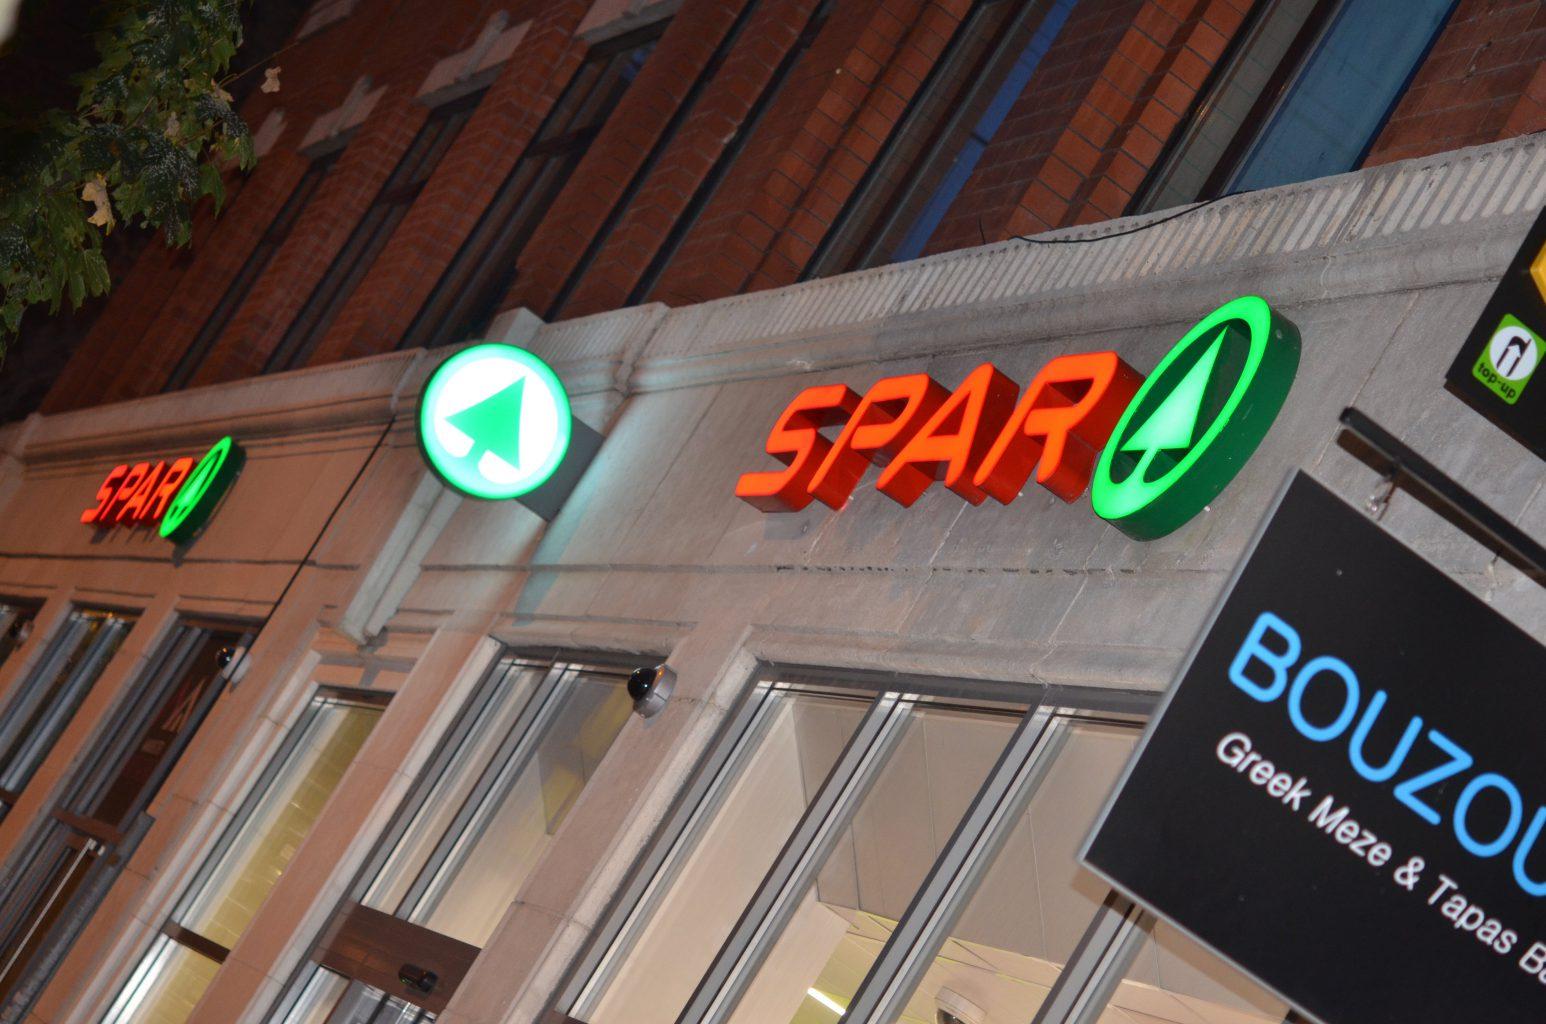 BUILT UP SPAR EXCELLENCE SIGN